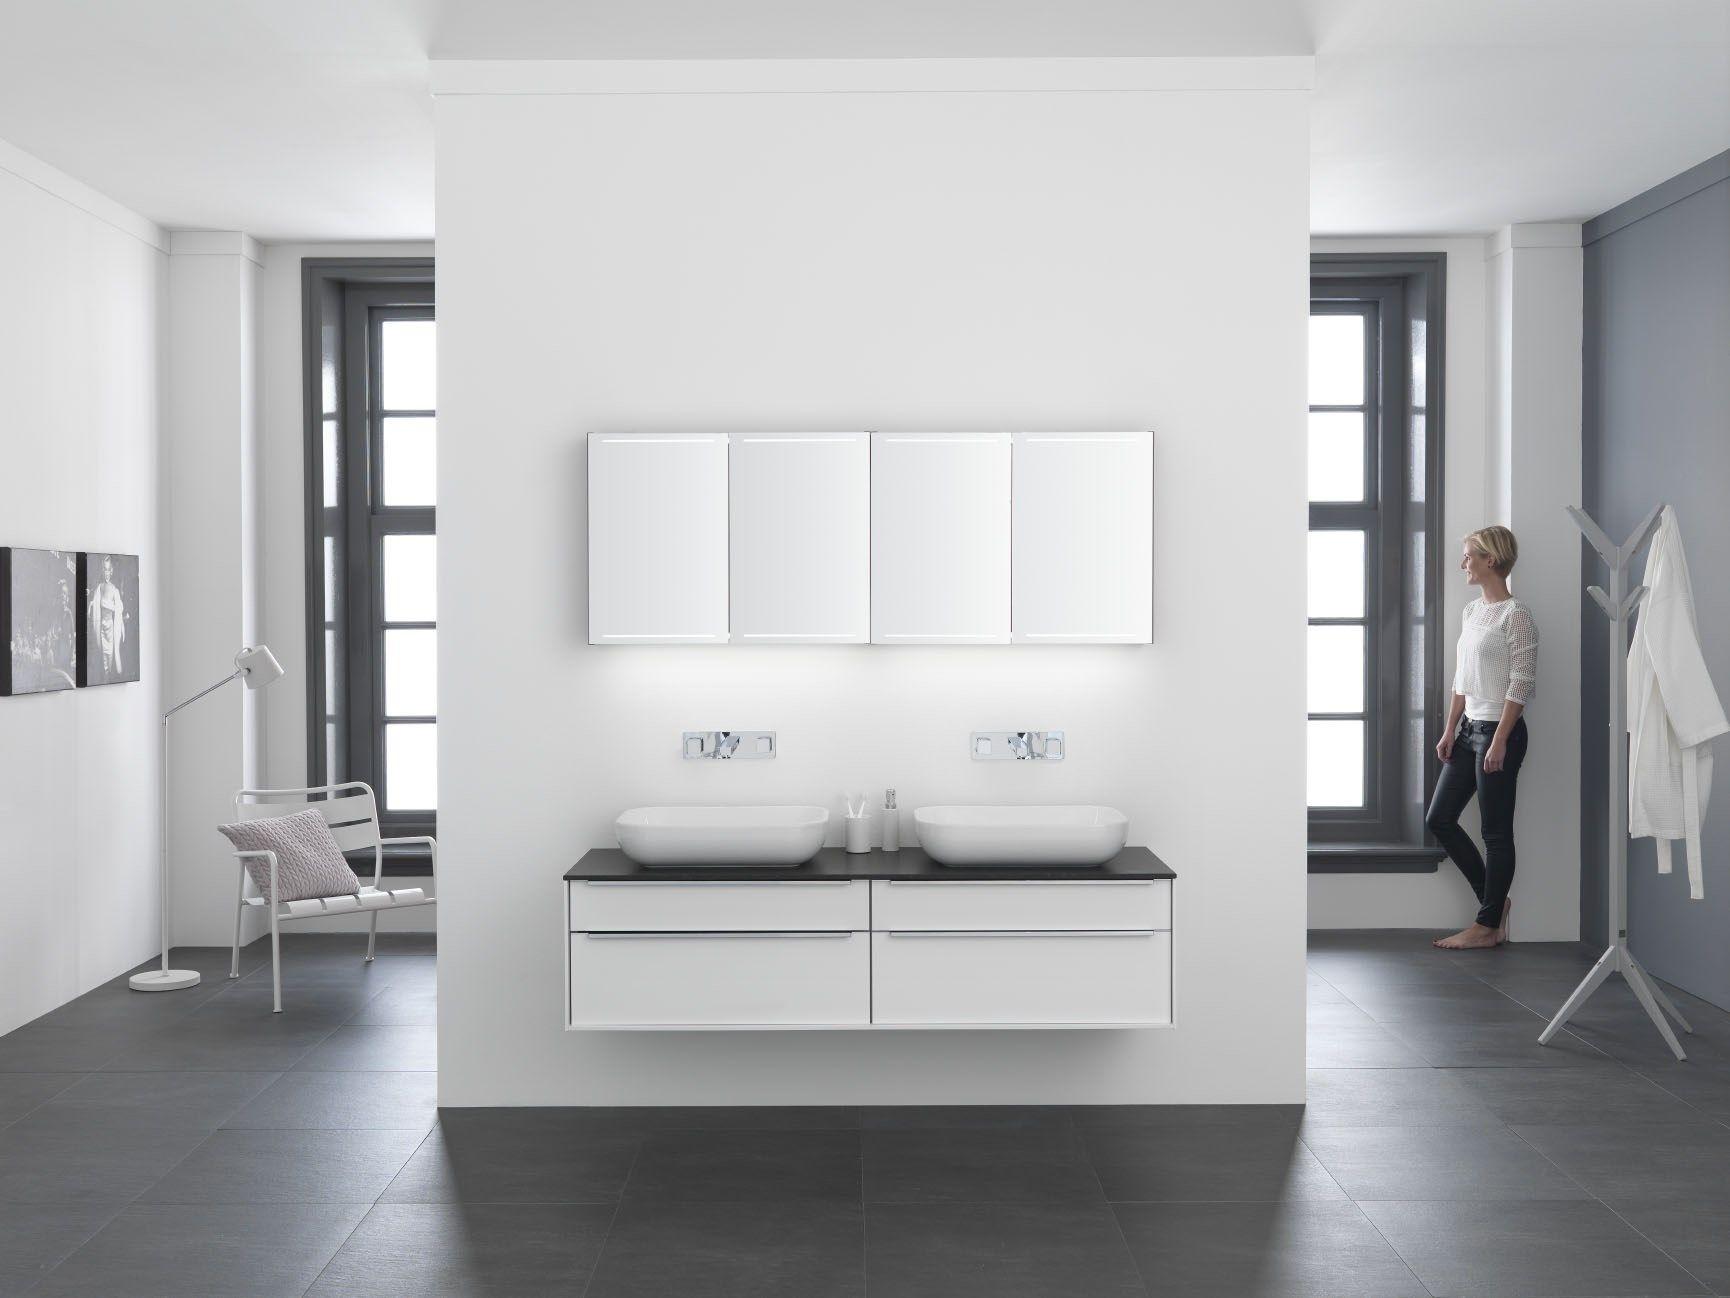 Moderne luxe spiegelkast type deluxe 160cm boven badkamermeubel